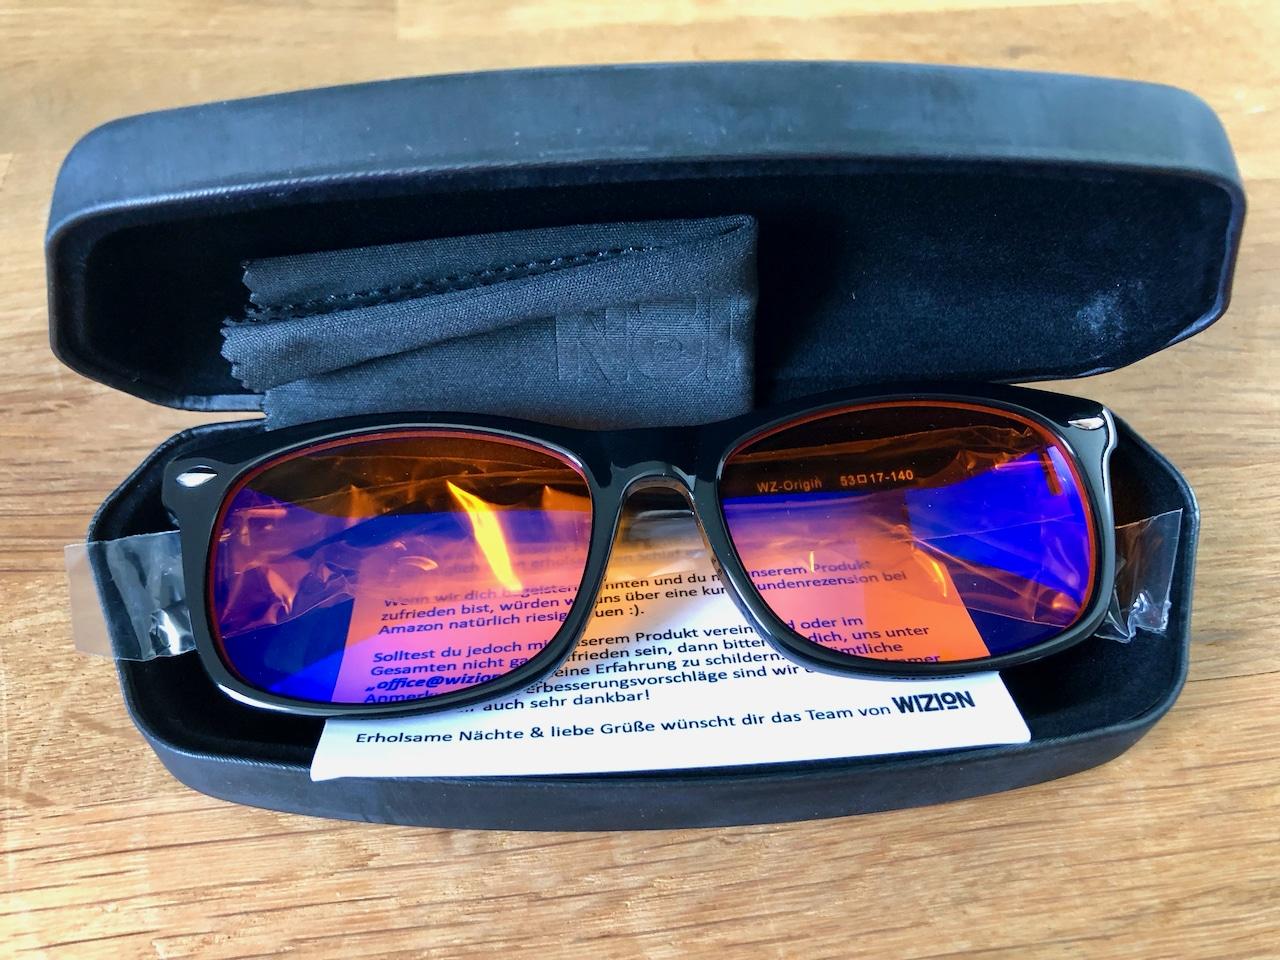 Wizion Blaulichtfilter Brille Etui geöffnet